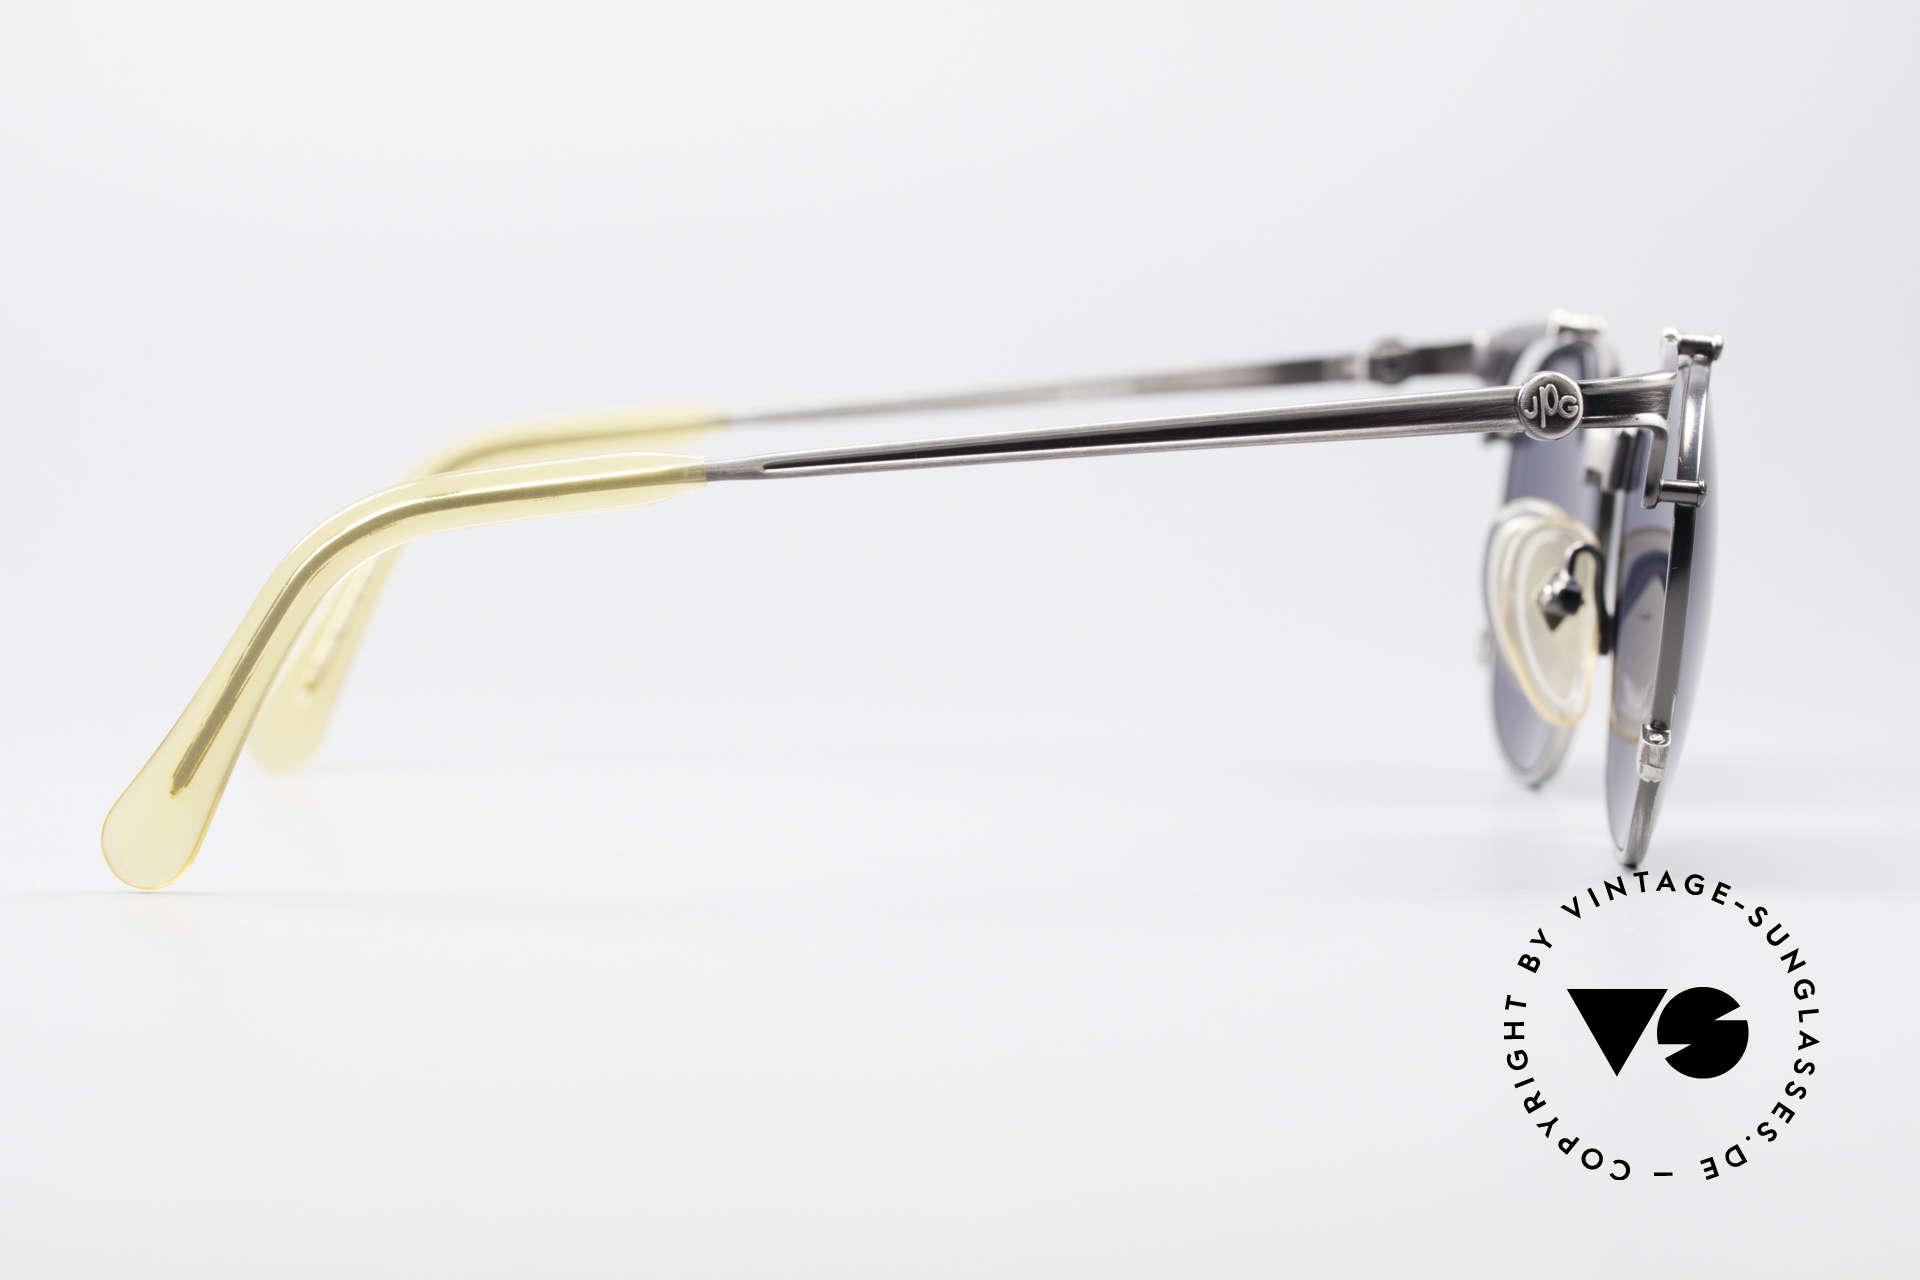 Jean Paul Gaultier 56-2175 90er Designer Sonnenbrille, unbenutzt (wie alle unsere 1990er Sonnenbrillen), Passend für Herren und Damen